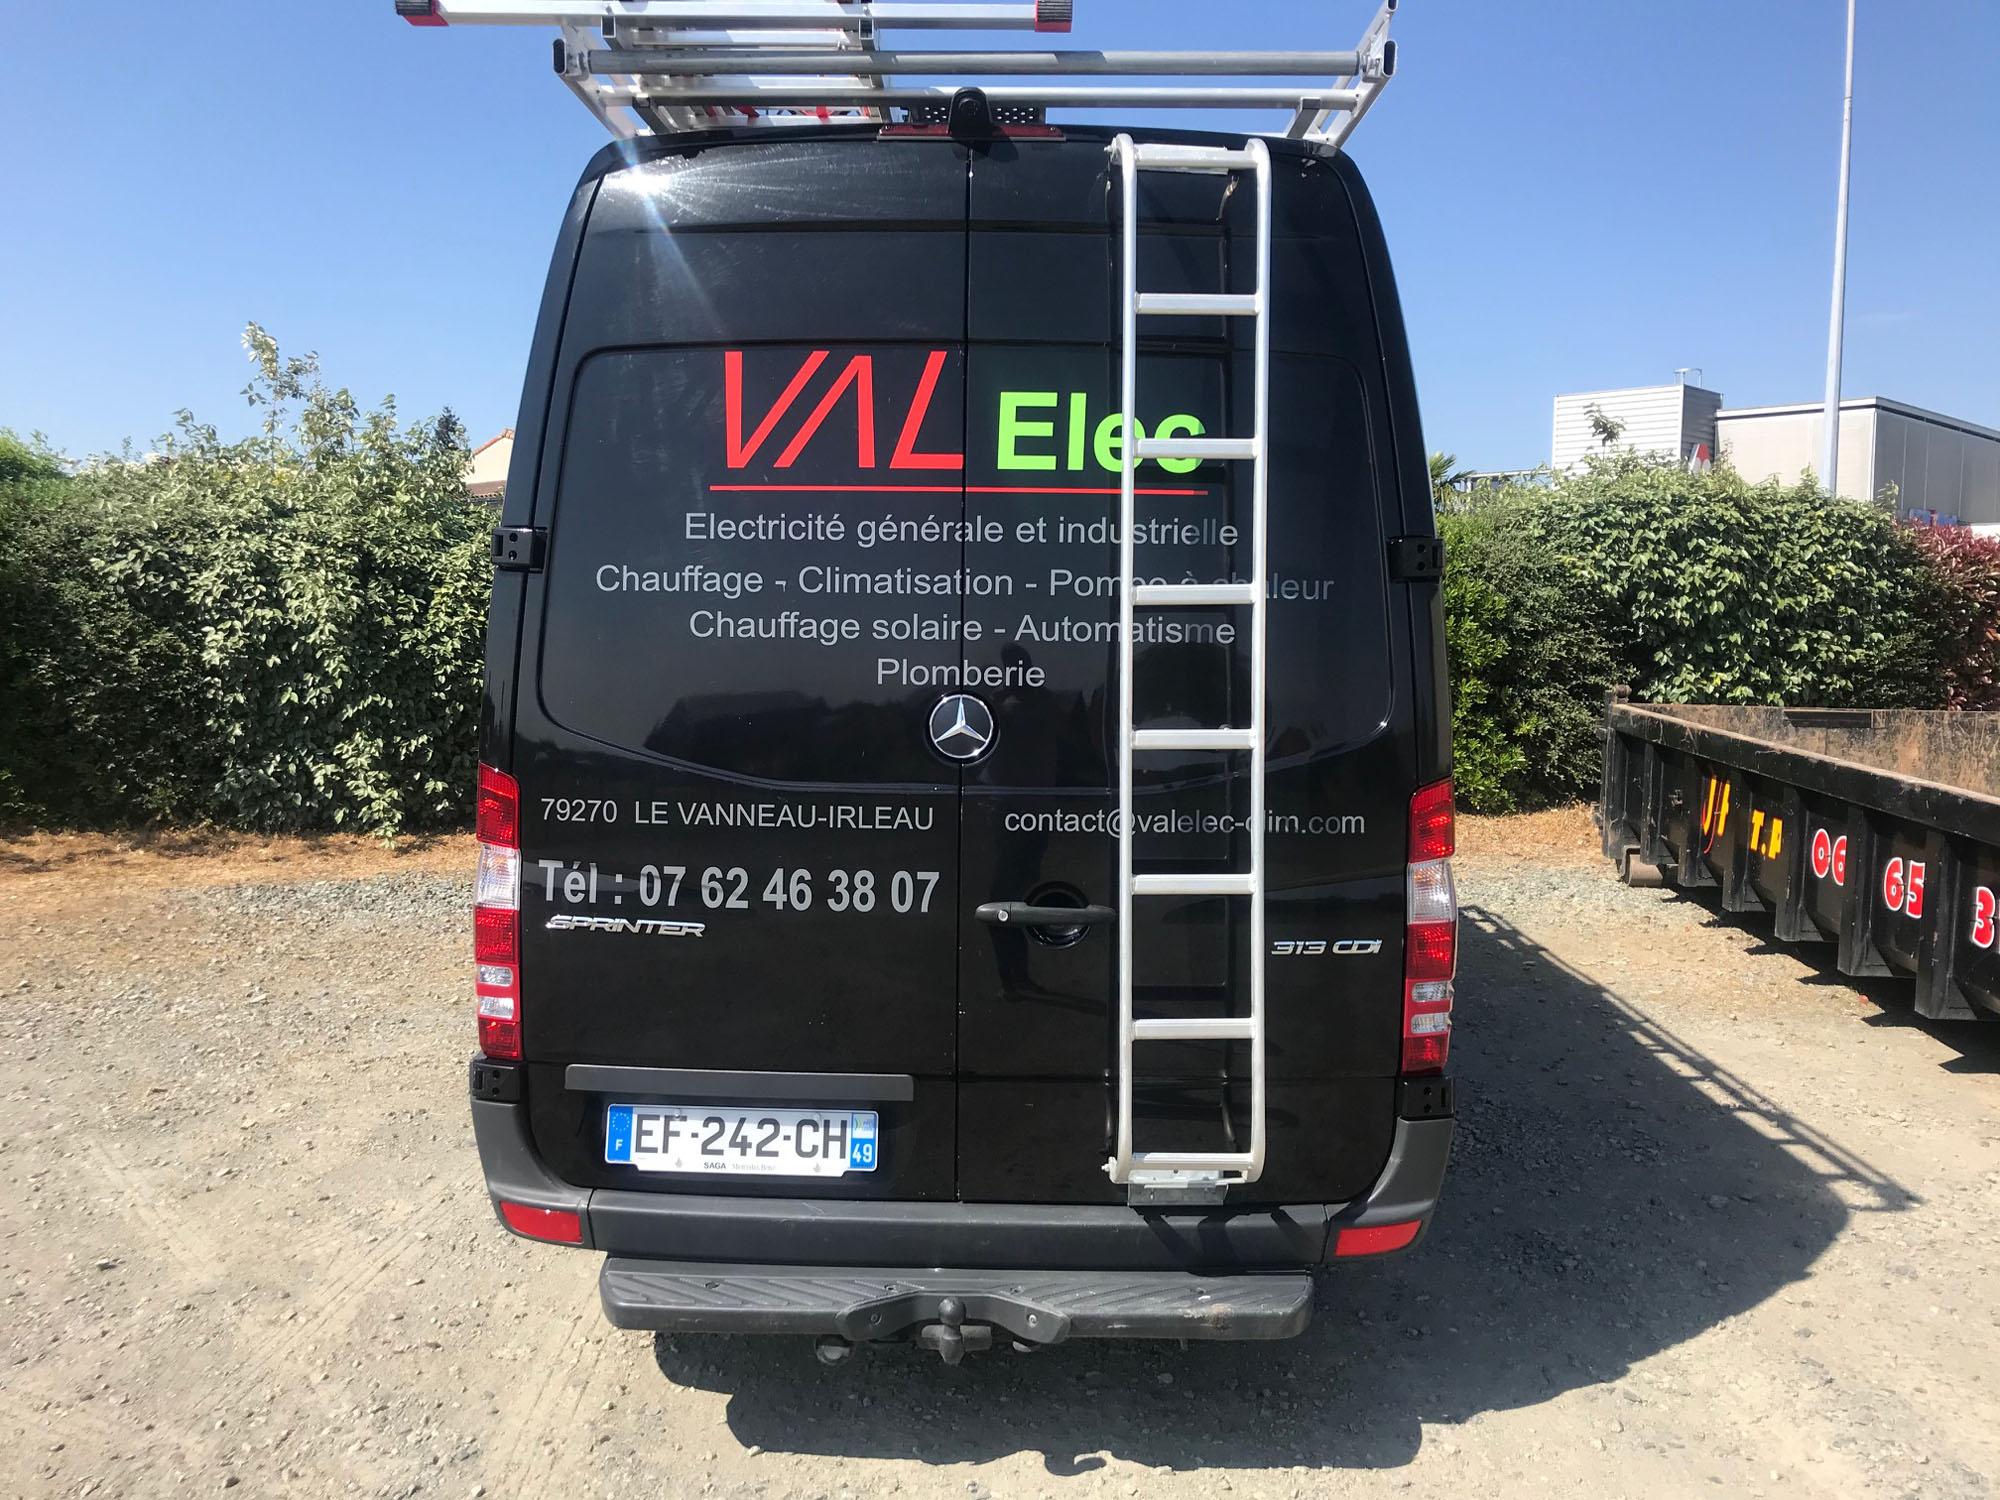 Marquage camion VAL Elec 2 - Guyonnet Publicite Fontenay le Comte